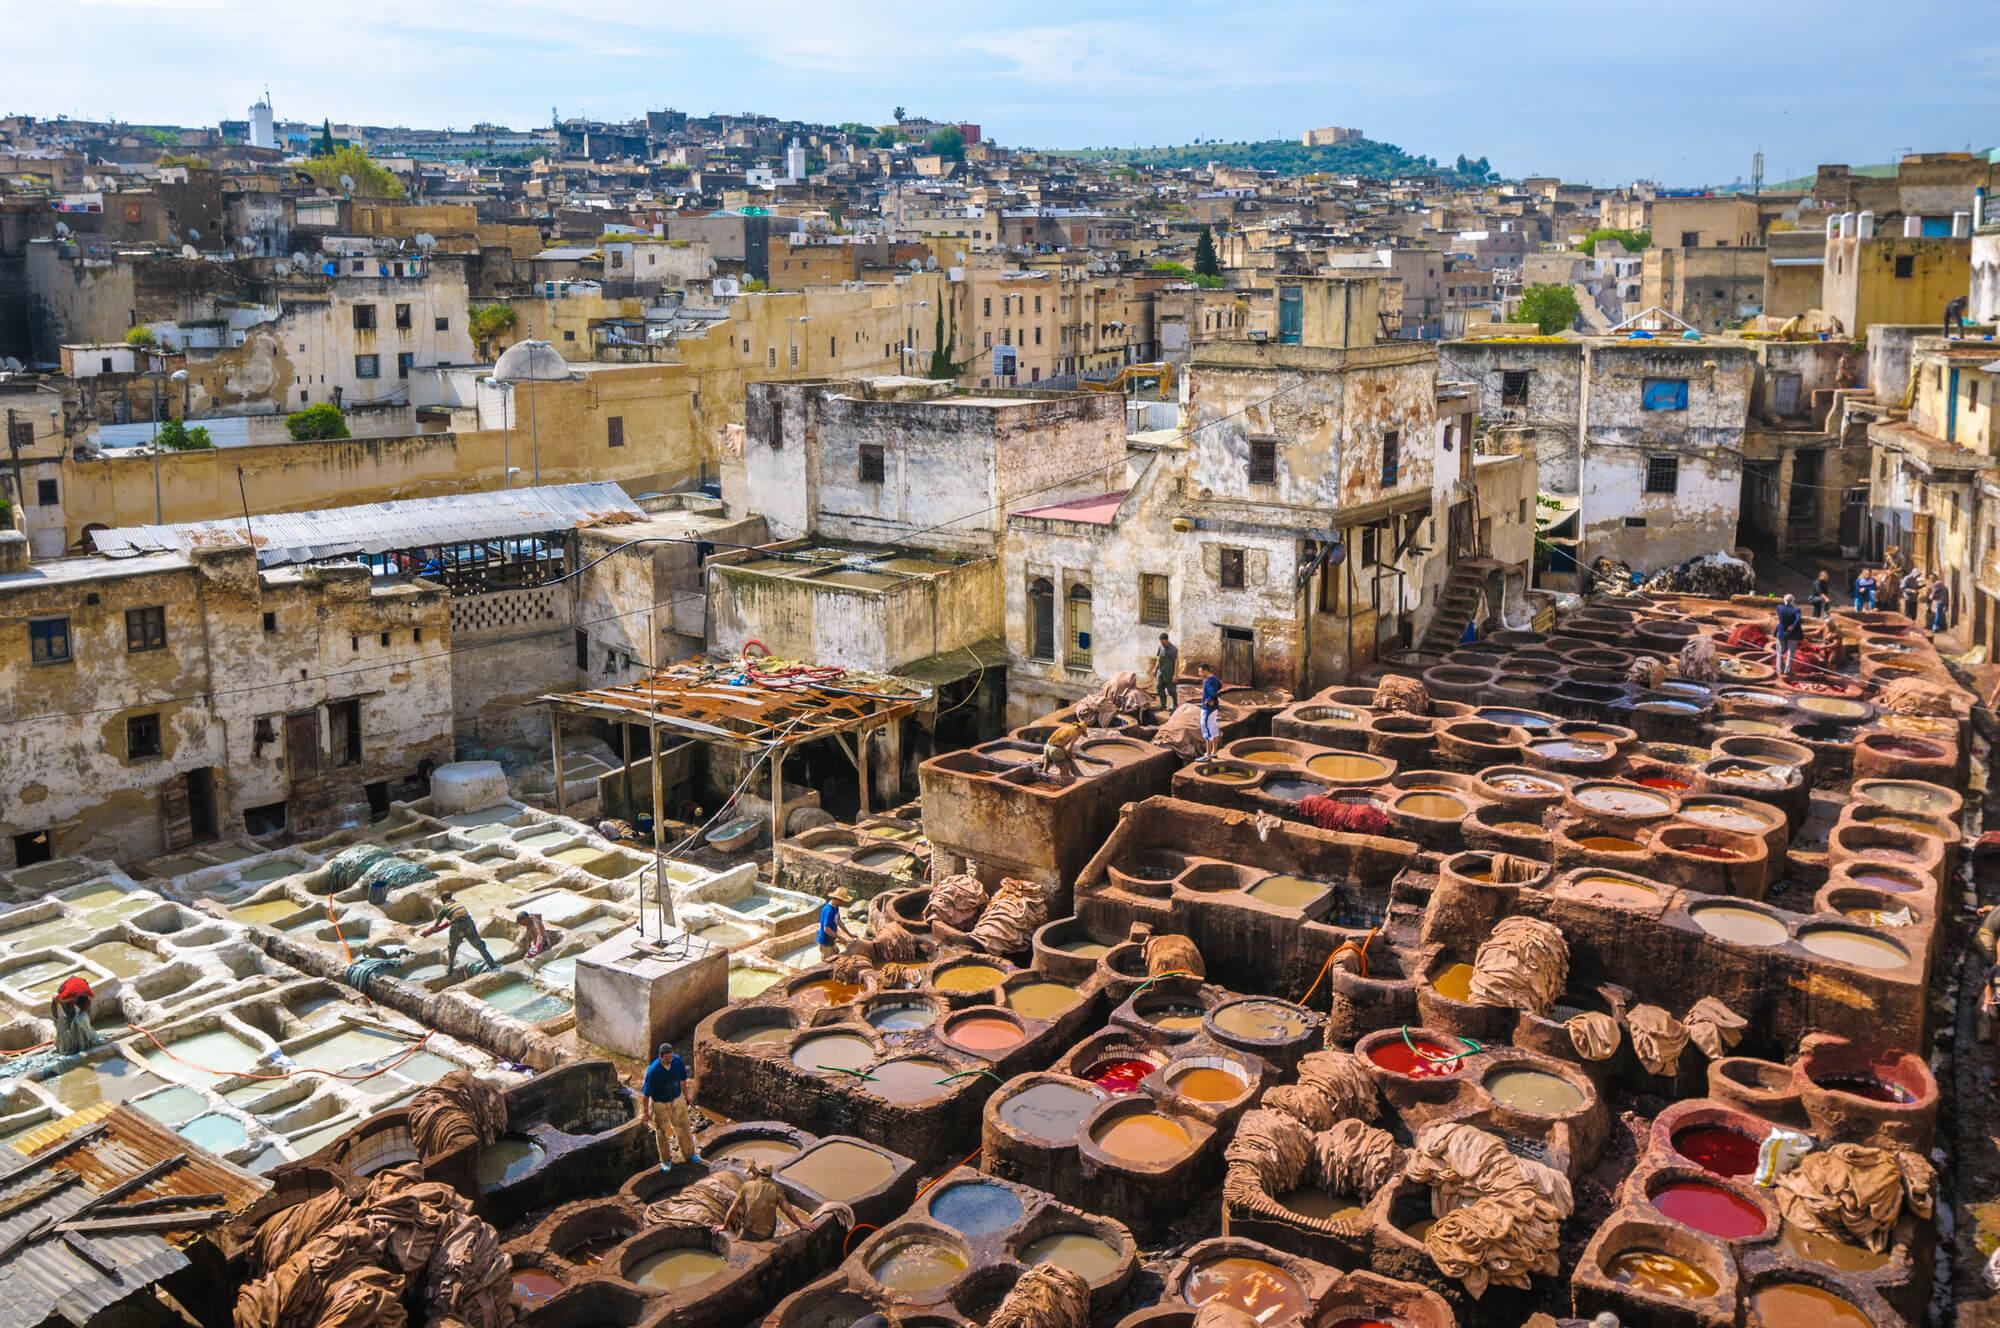 מתחם עיבוד העורות - העיר פס שבמרוקו